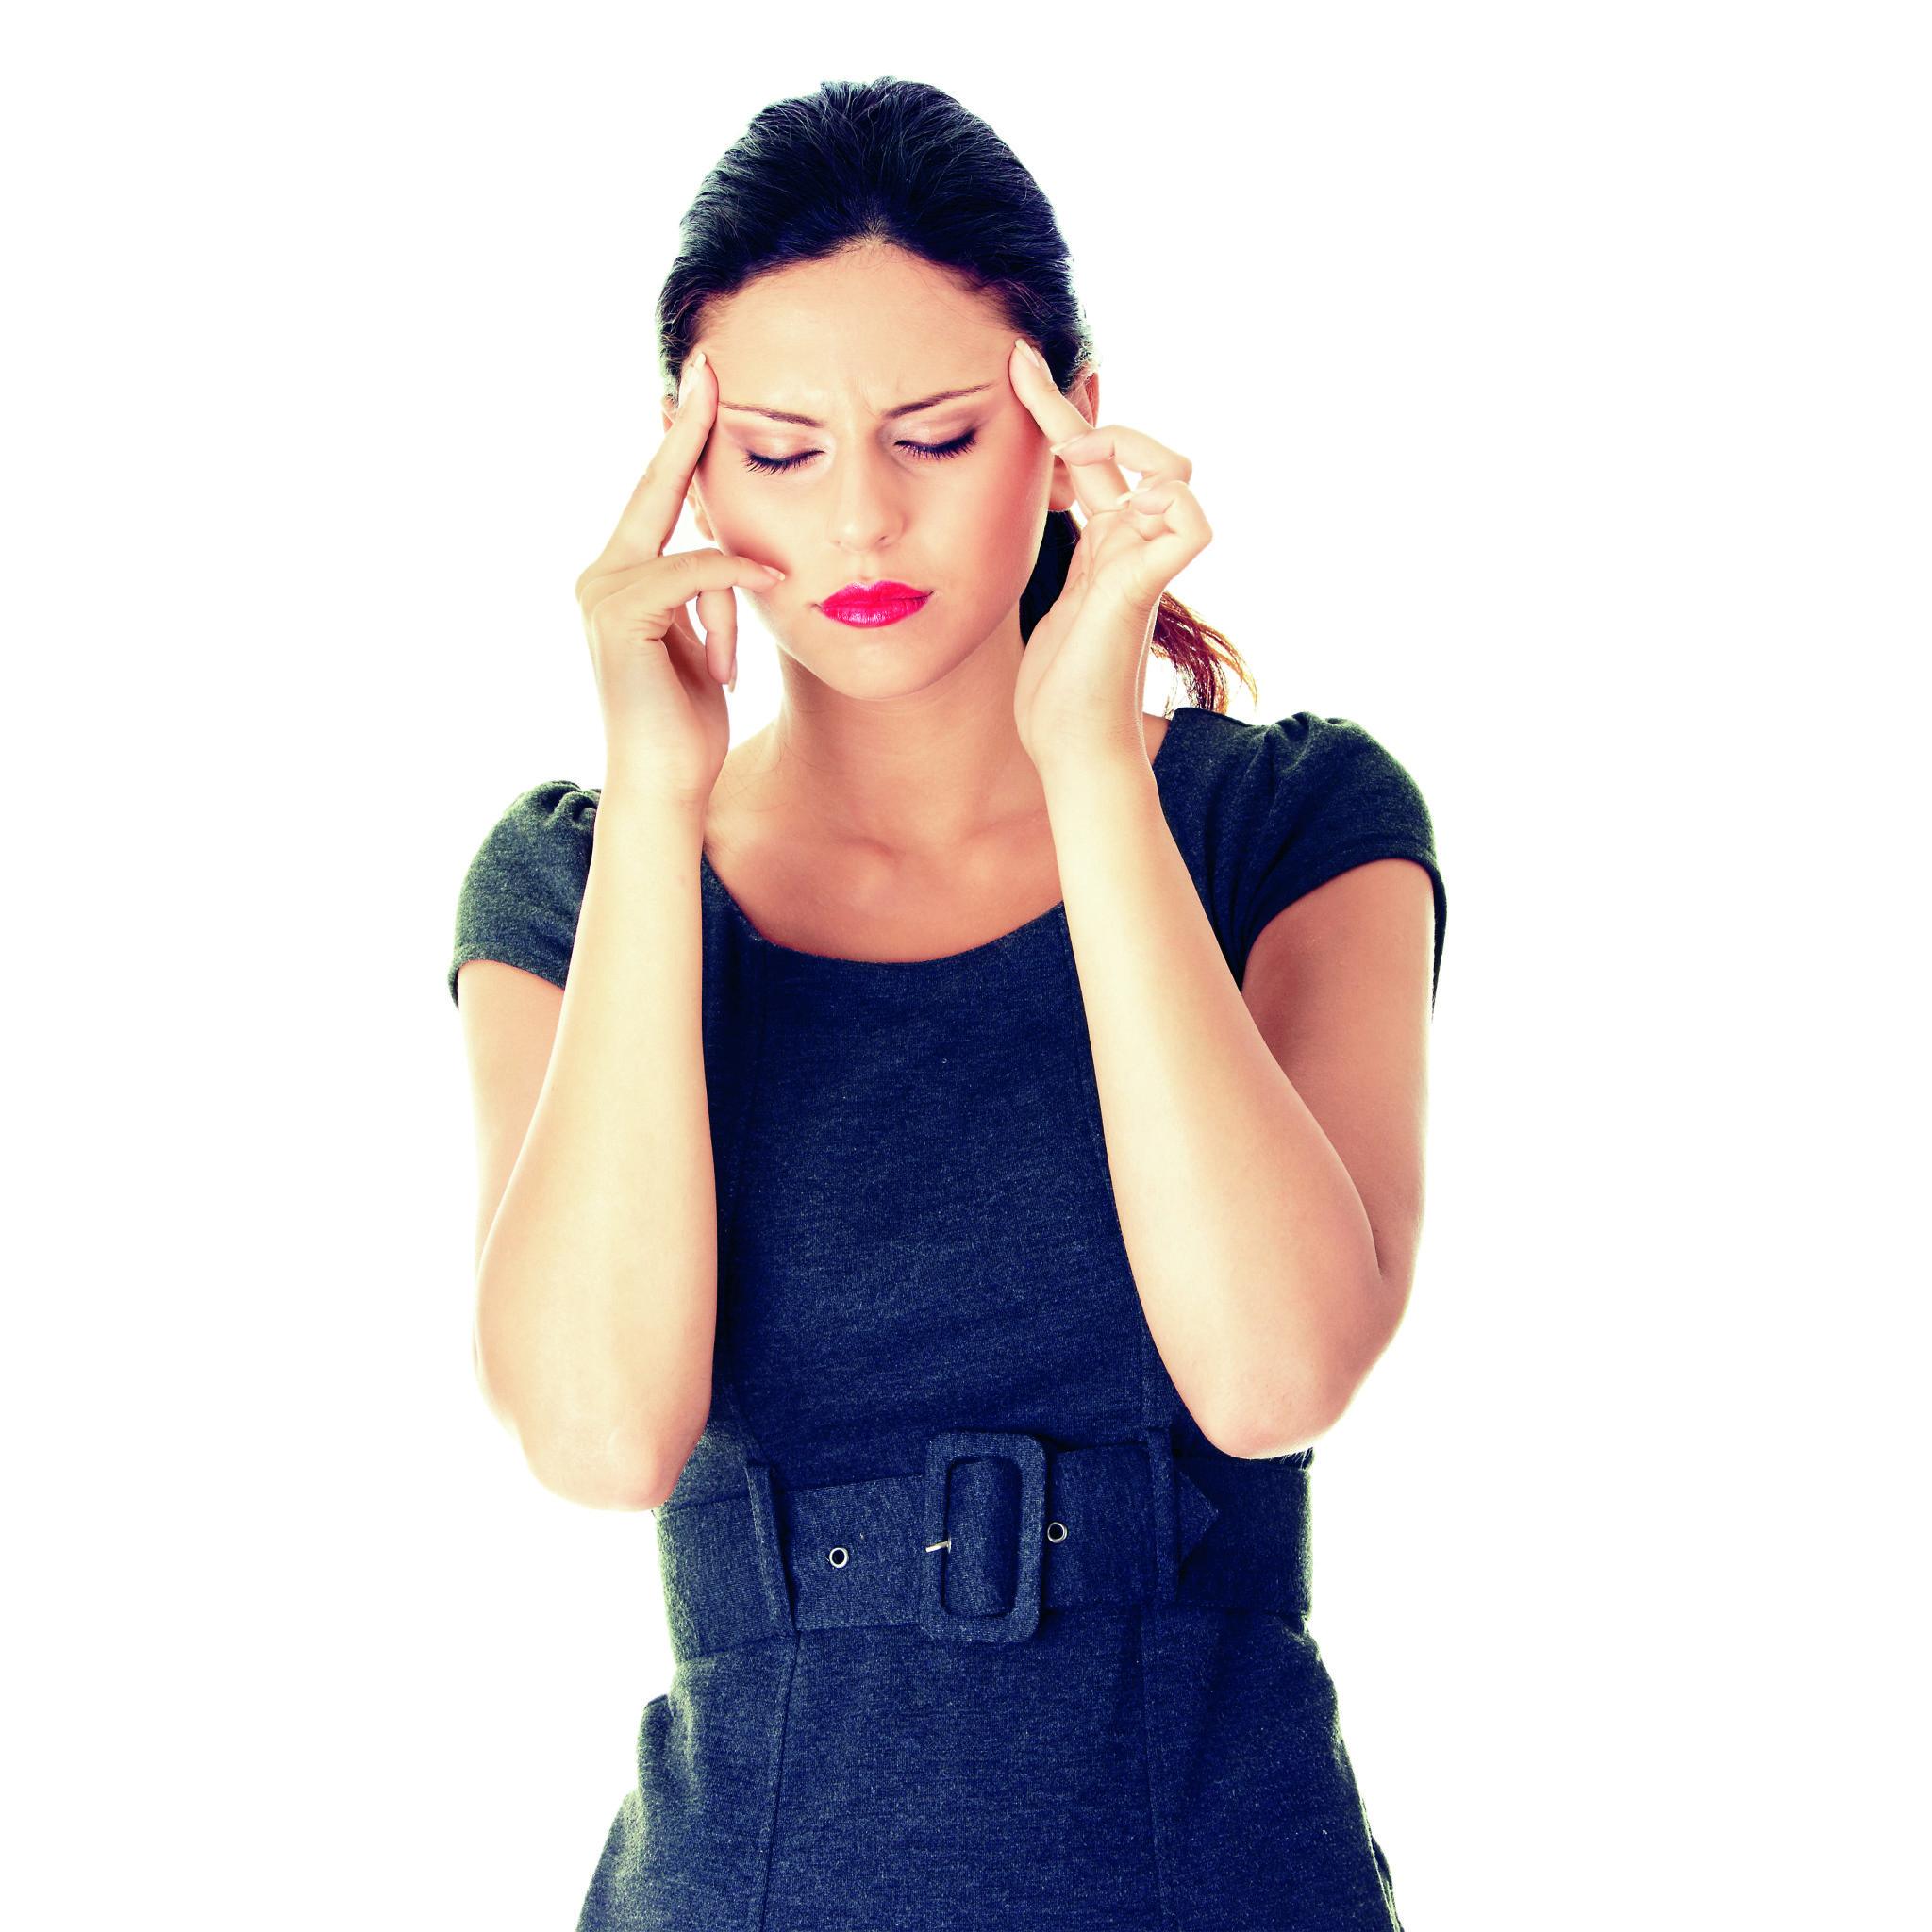 Мигрень: симптомы и эффективные способы лечения